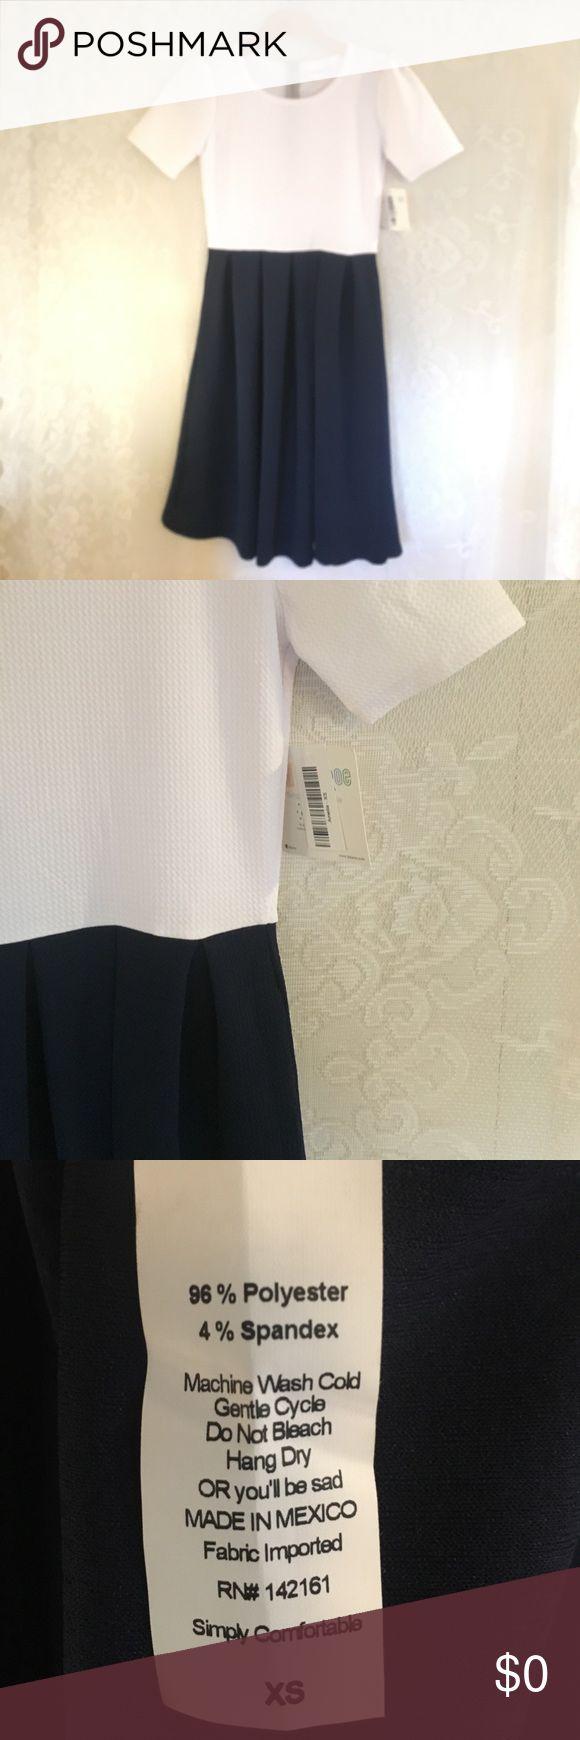 New! LulaRoe Amelia White & Navy New! LulaRoe Amelia White & Navy LuLaRoe Dresses